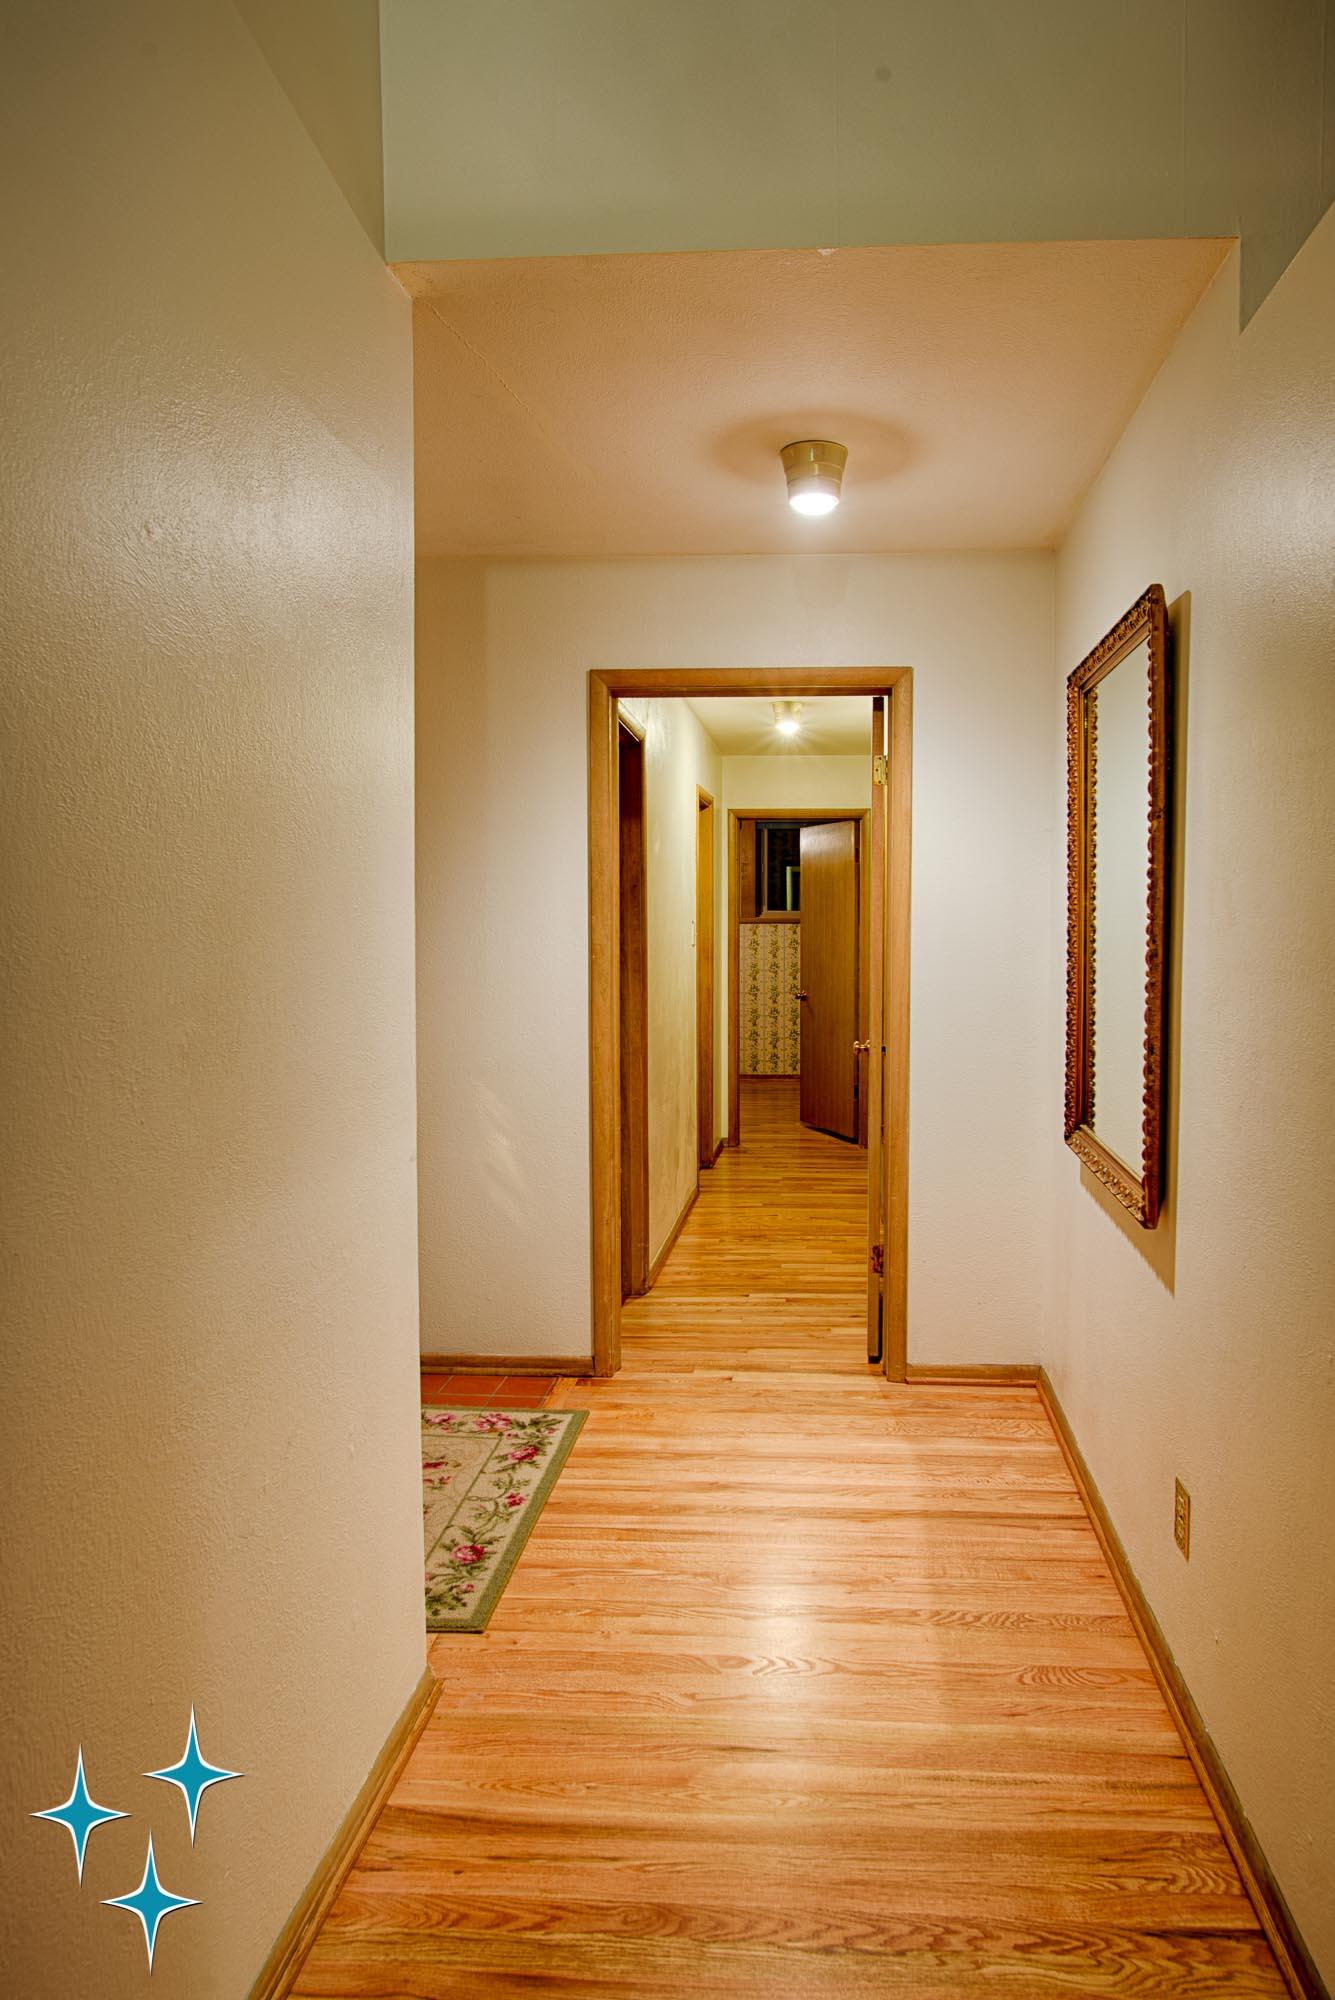 Adrian-Kinney-4155-W-Iliff-Avenue-Denver-r-Carey-Holiday-Home-2000w50-3SWM-20.jpg